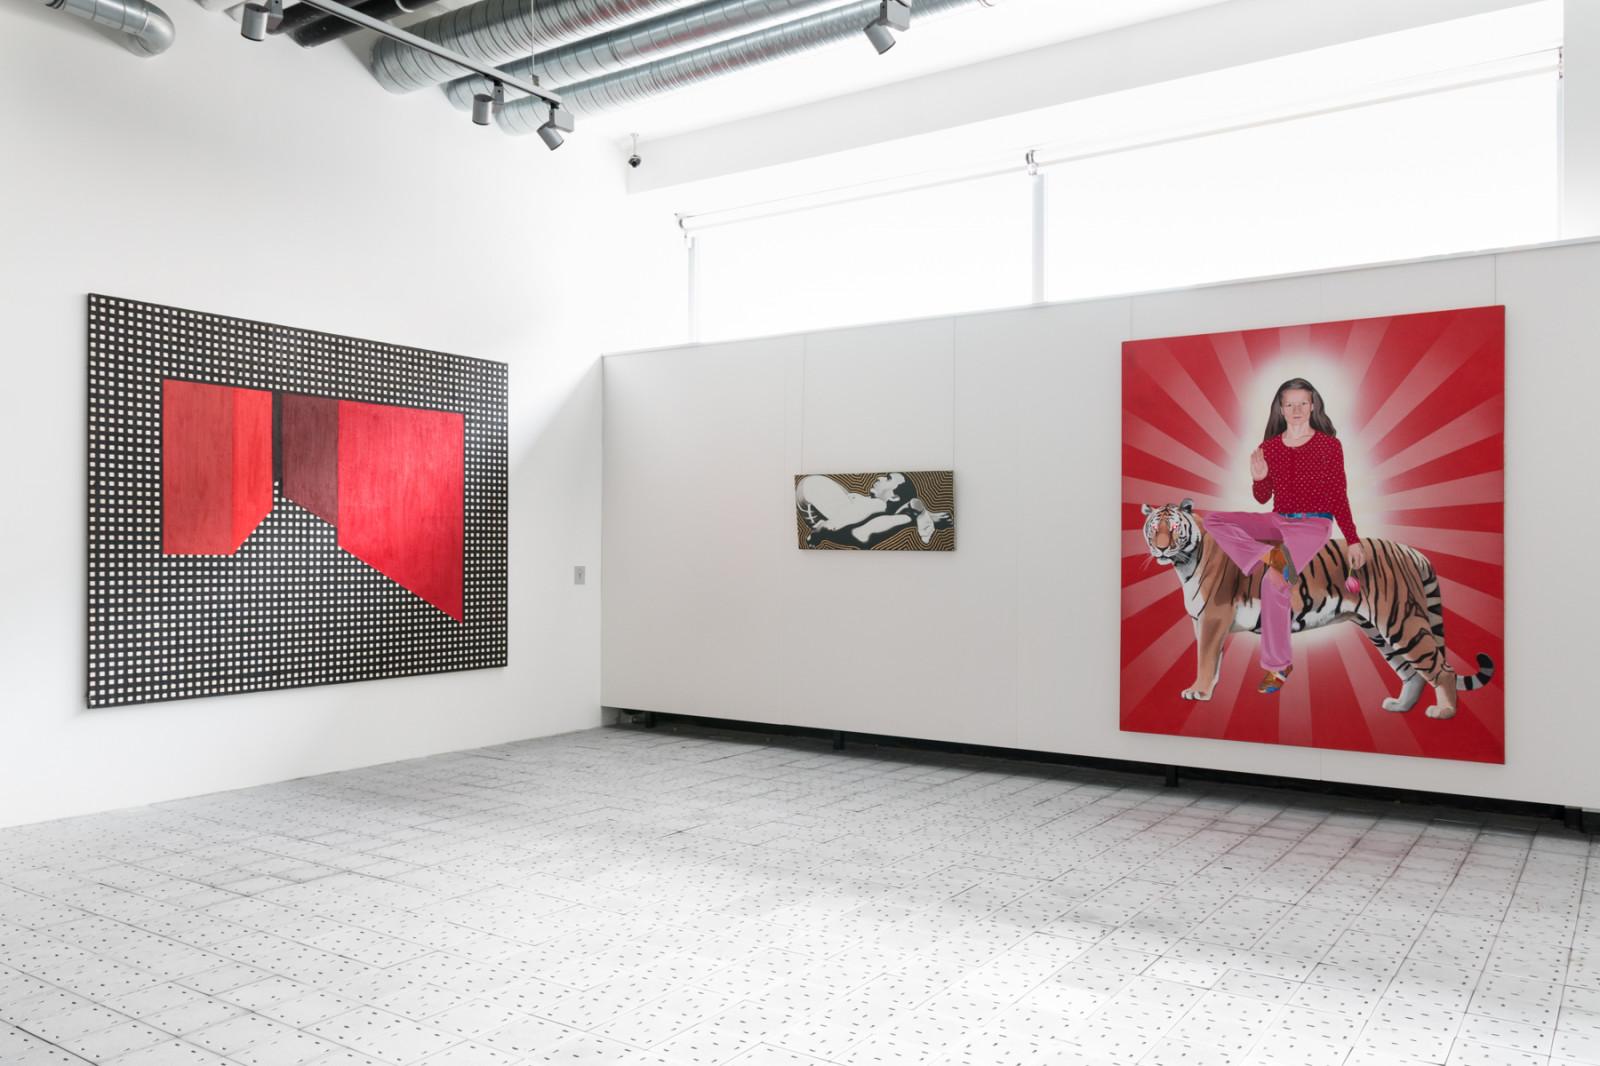 Ipohled do expozice doprovodné výstavy Na druhé straně (zrcadla) – současná polská malba ze sbírky Galeria Bielska BWA